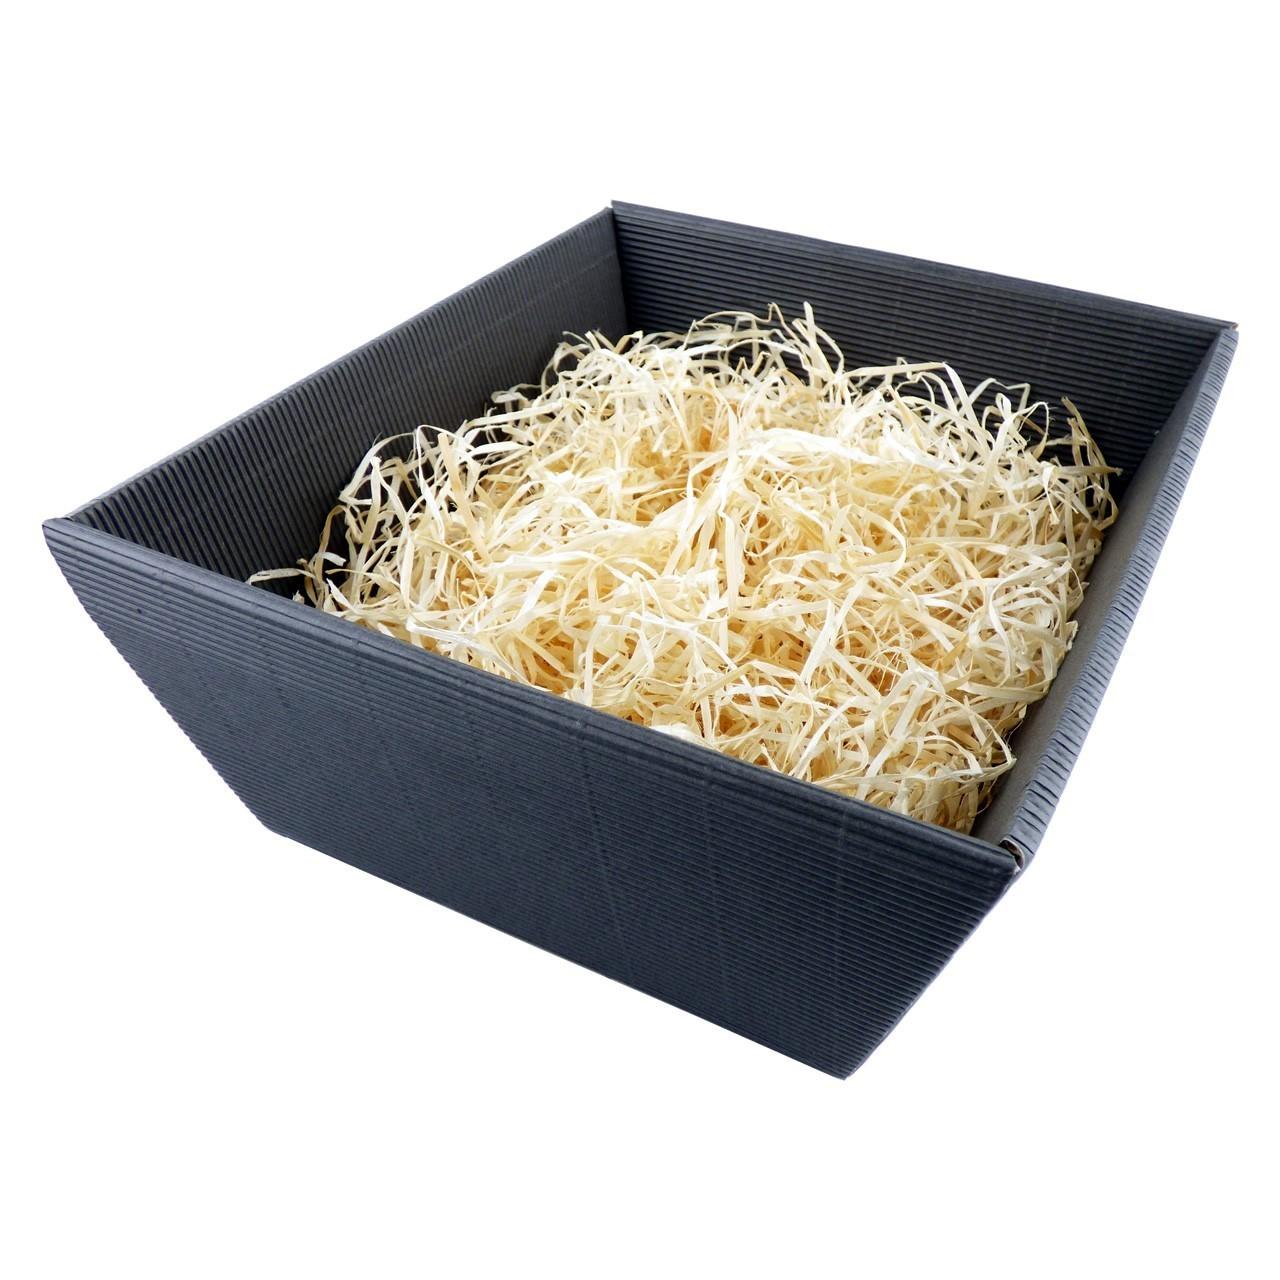 Geschenkkorb mit staubfreier und naturbelassenen Holzwolle